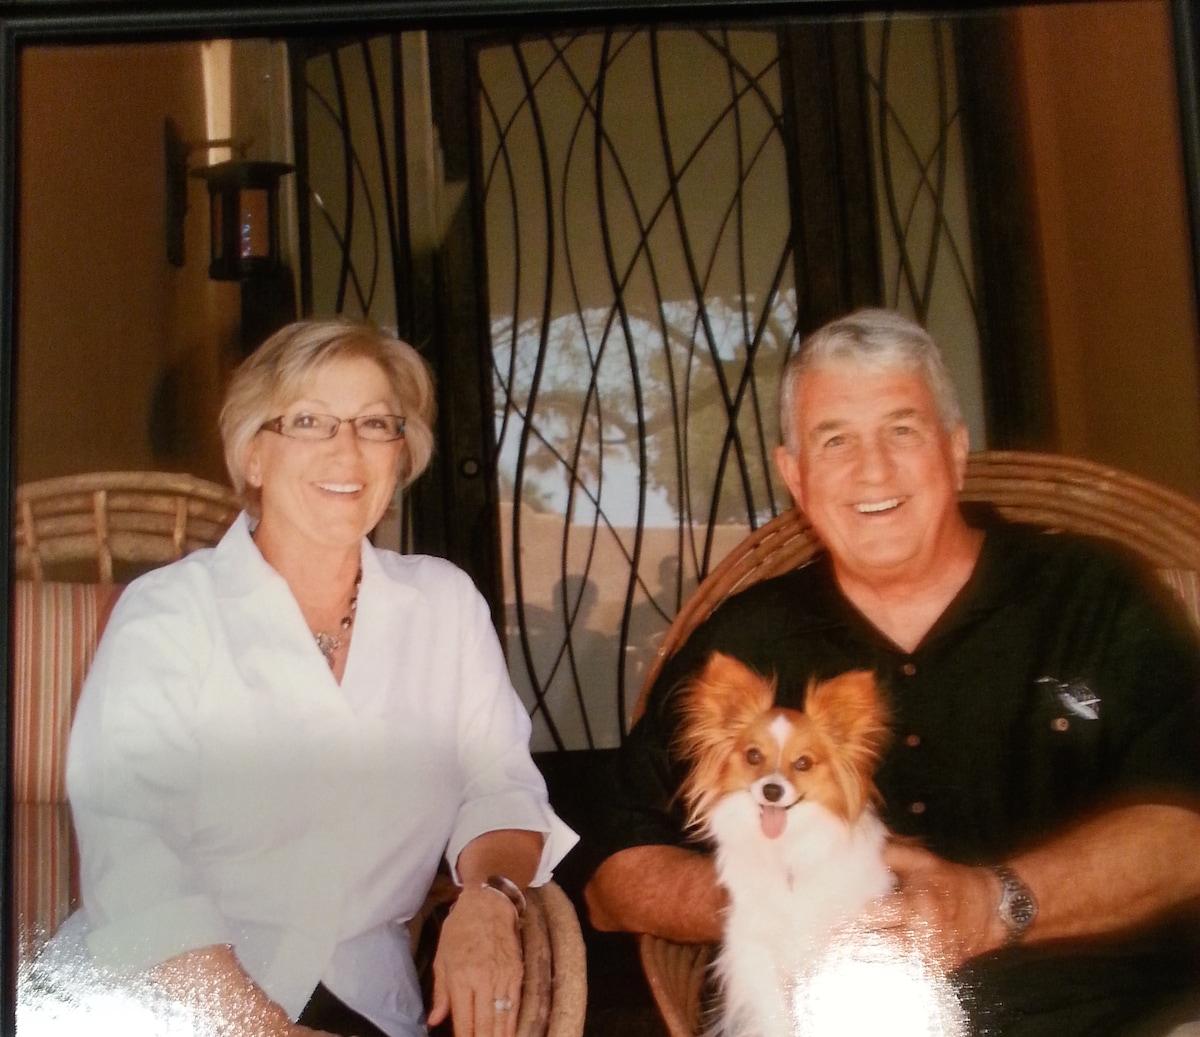 Trevor & Susan from Scottsdale